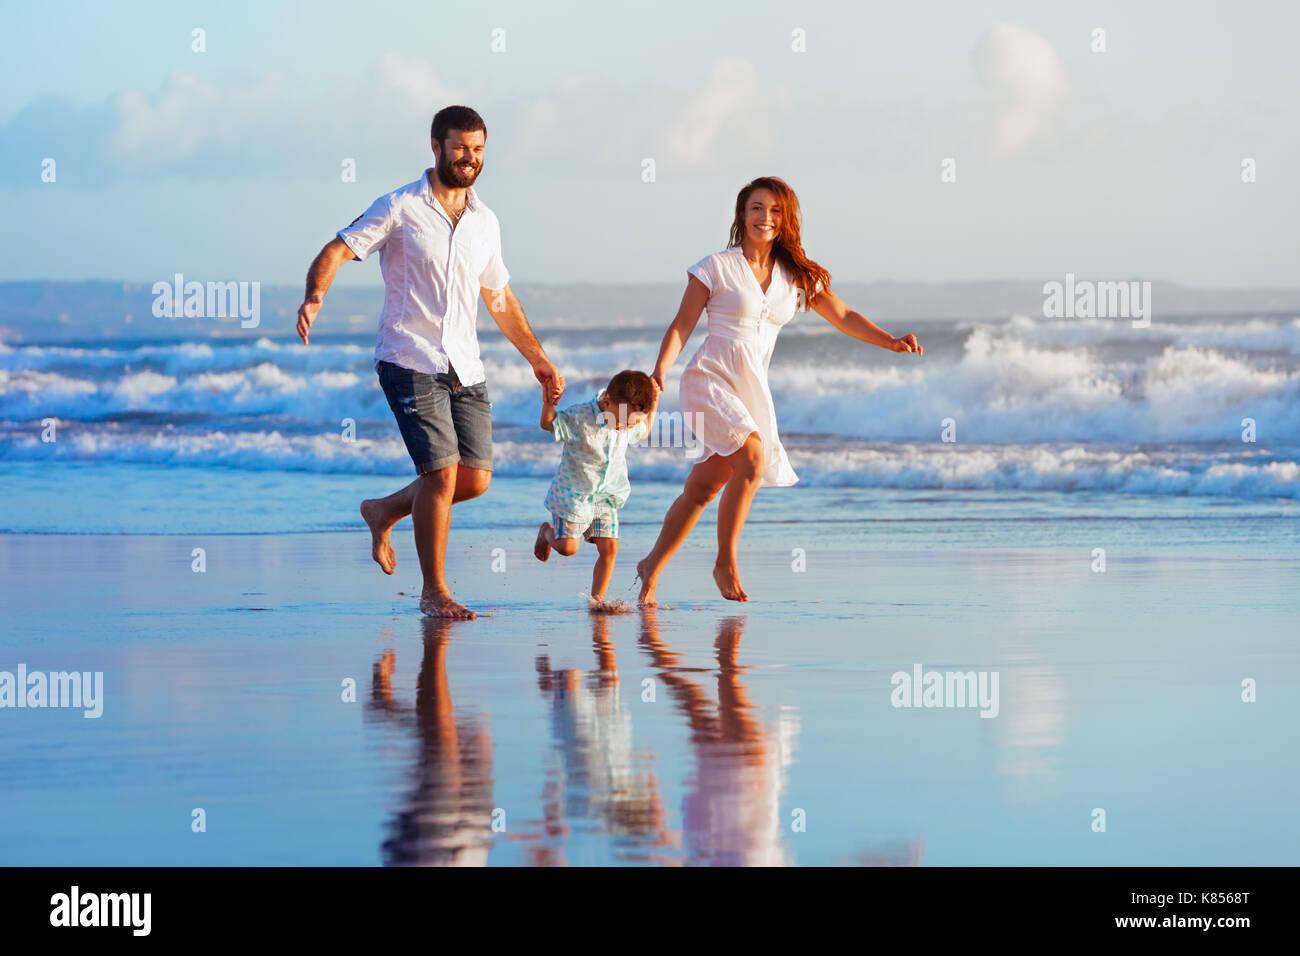 Glückliche Familie - Vater, Mutter, Sohn viel Spaß zusammen, Kinder laufen mit Spritzern von Wasser Pool entlang Sonnenuntergang Meer surfen auf schwarzem Sand Strand. Stockbild